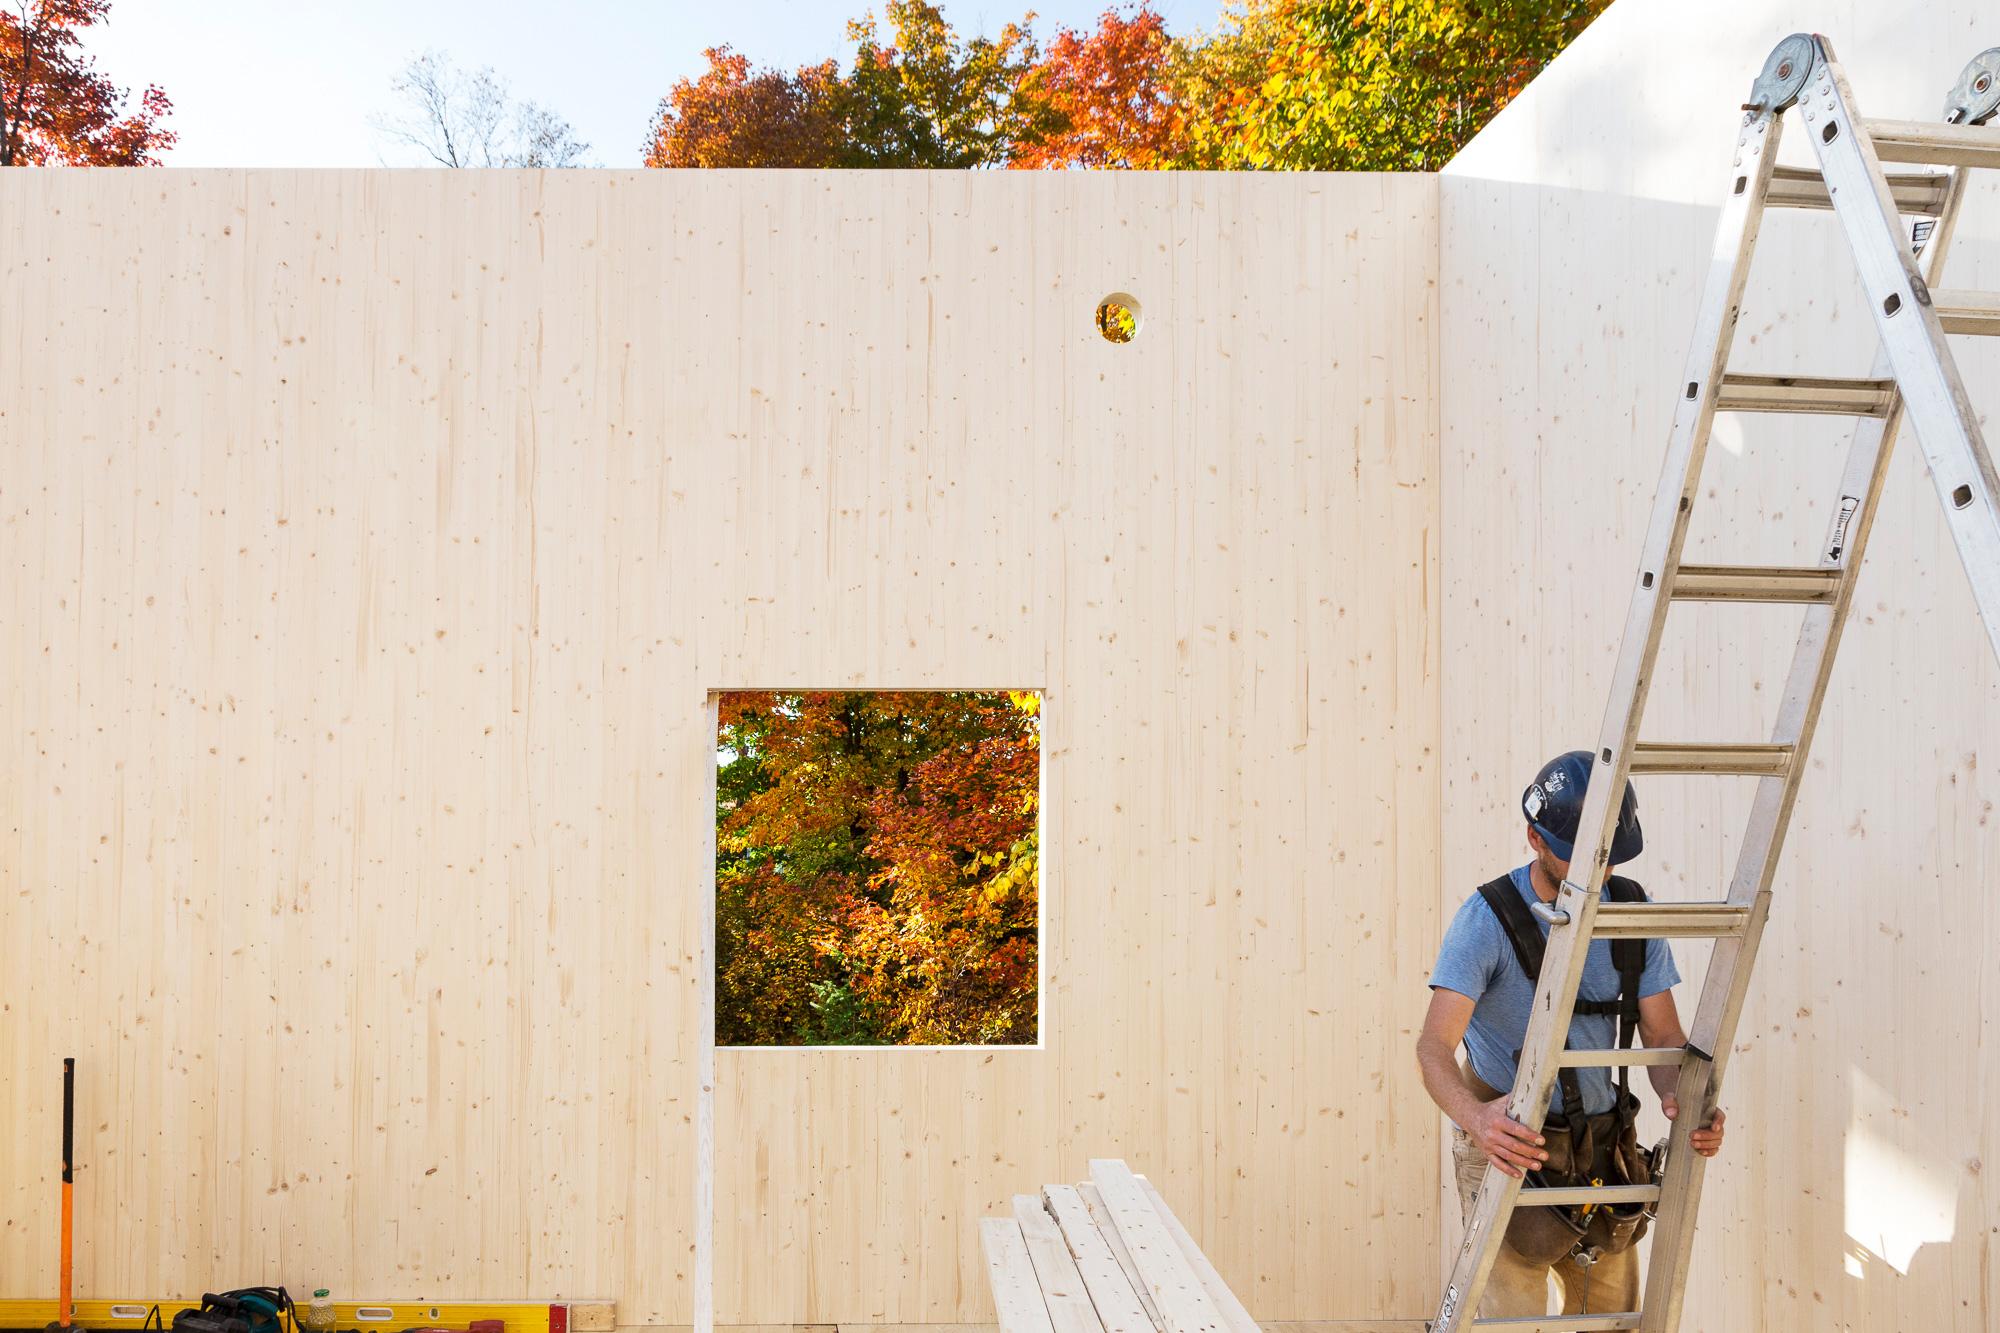 mur bois chantier construction travailleur échelle